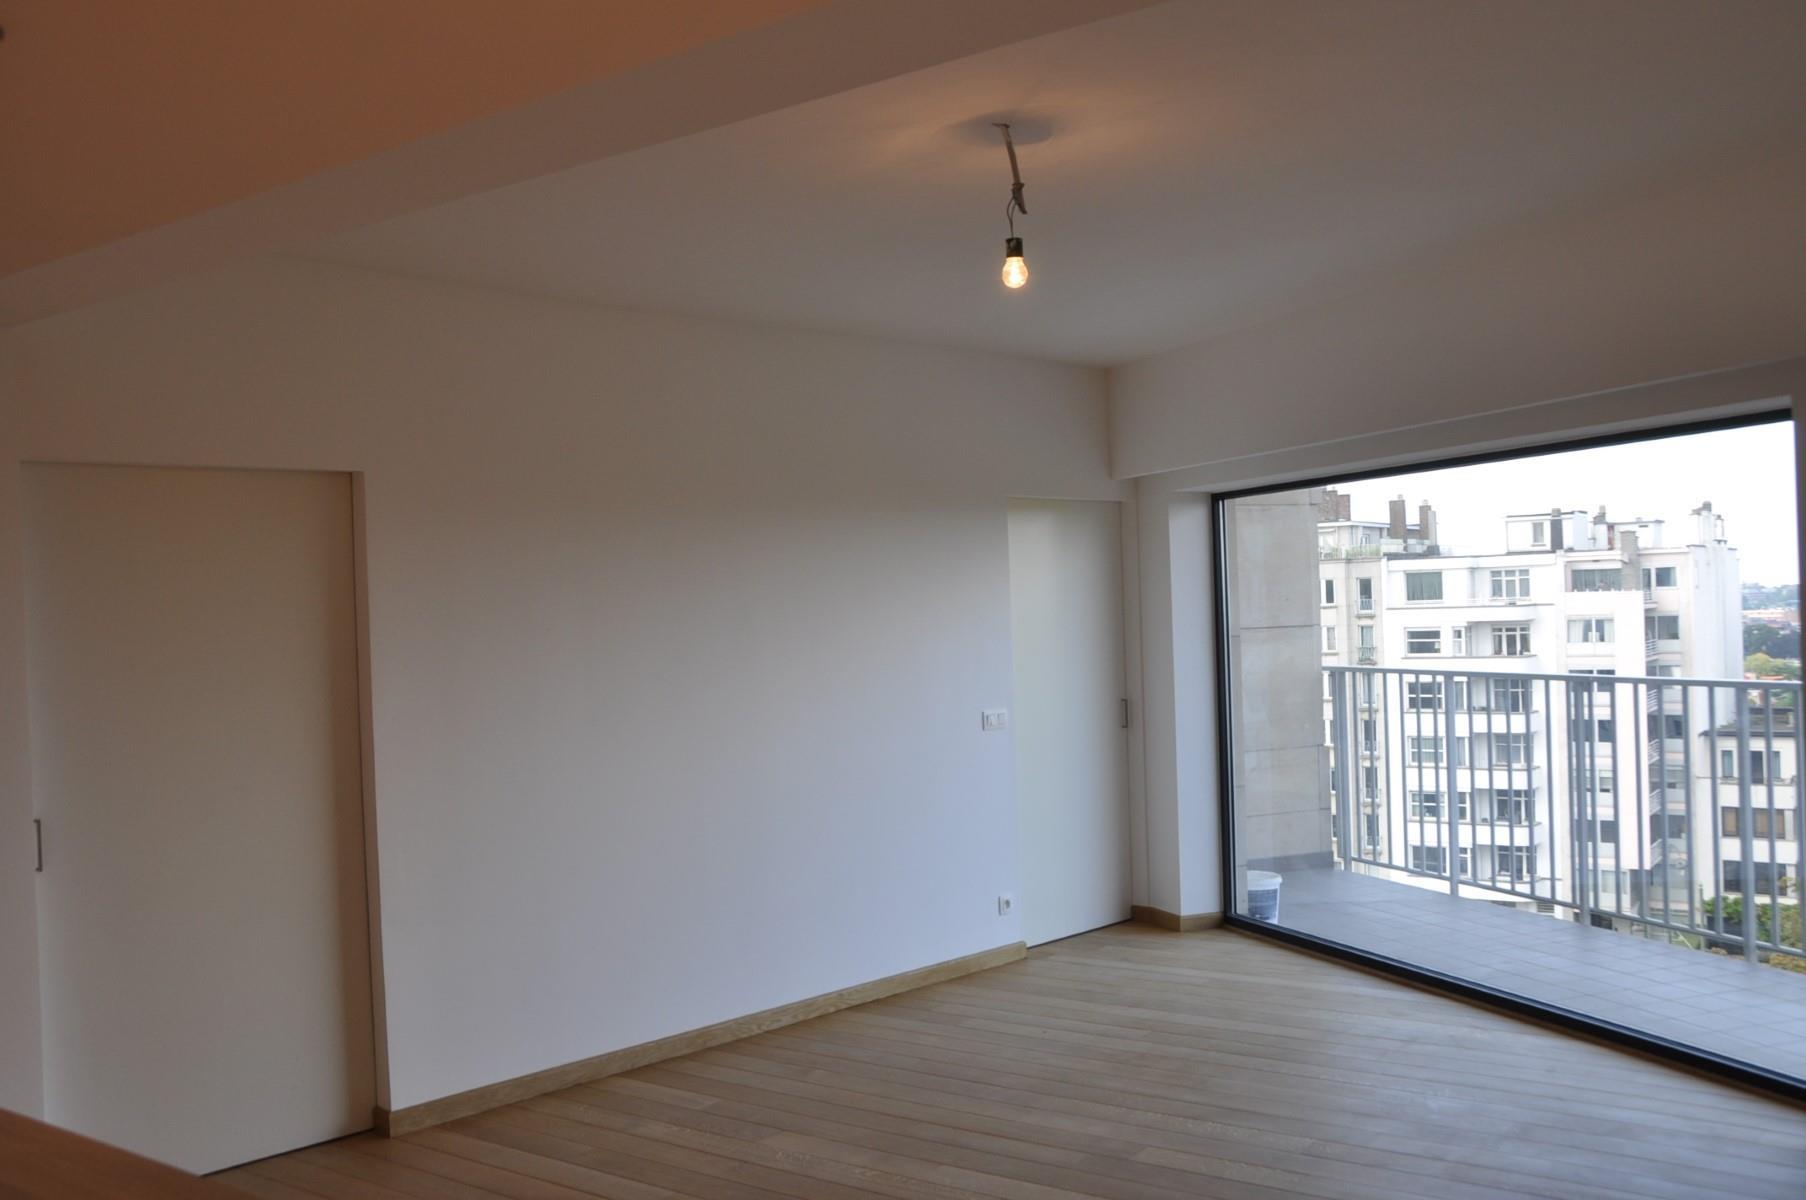 Appartement - Woluwe-Saint-Pierre - #4426238-7